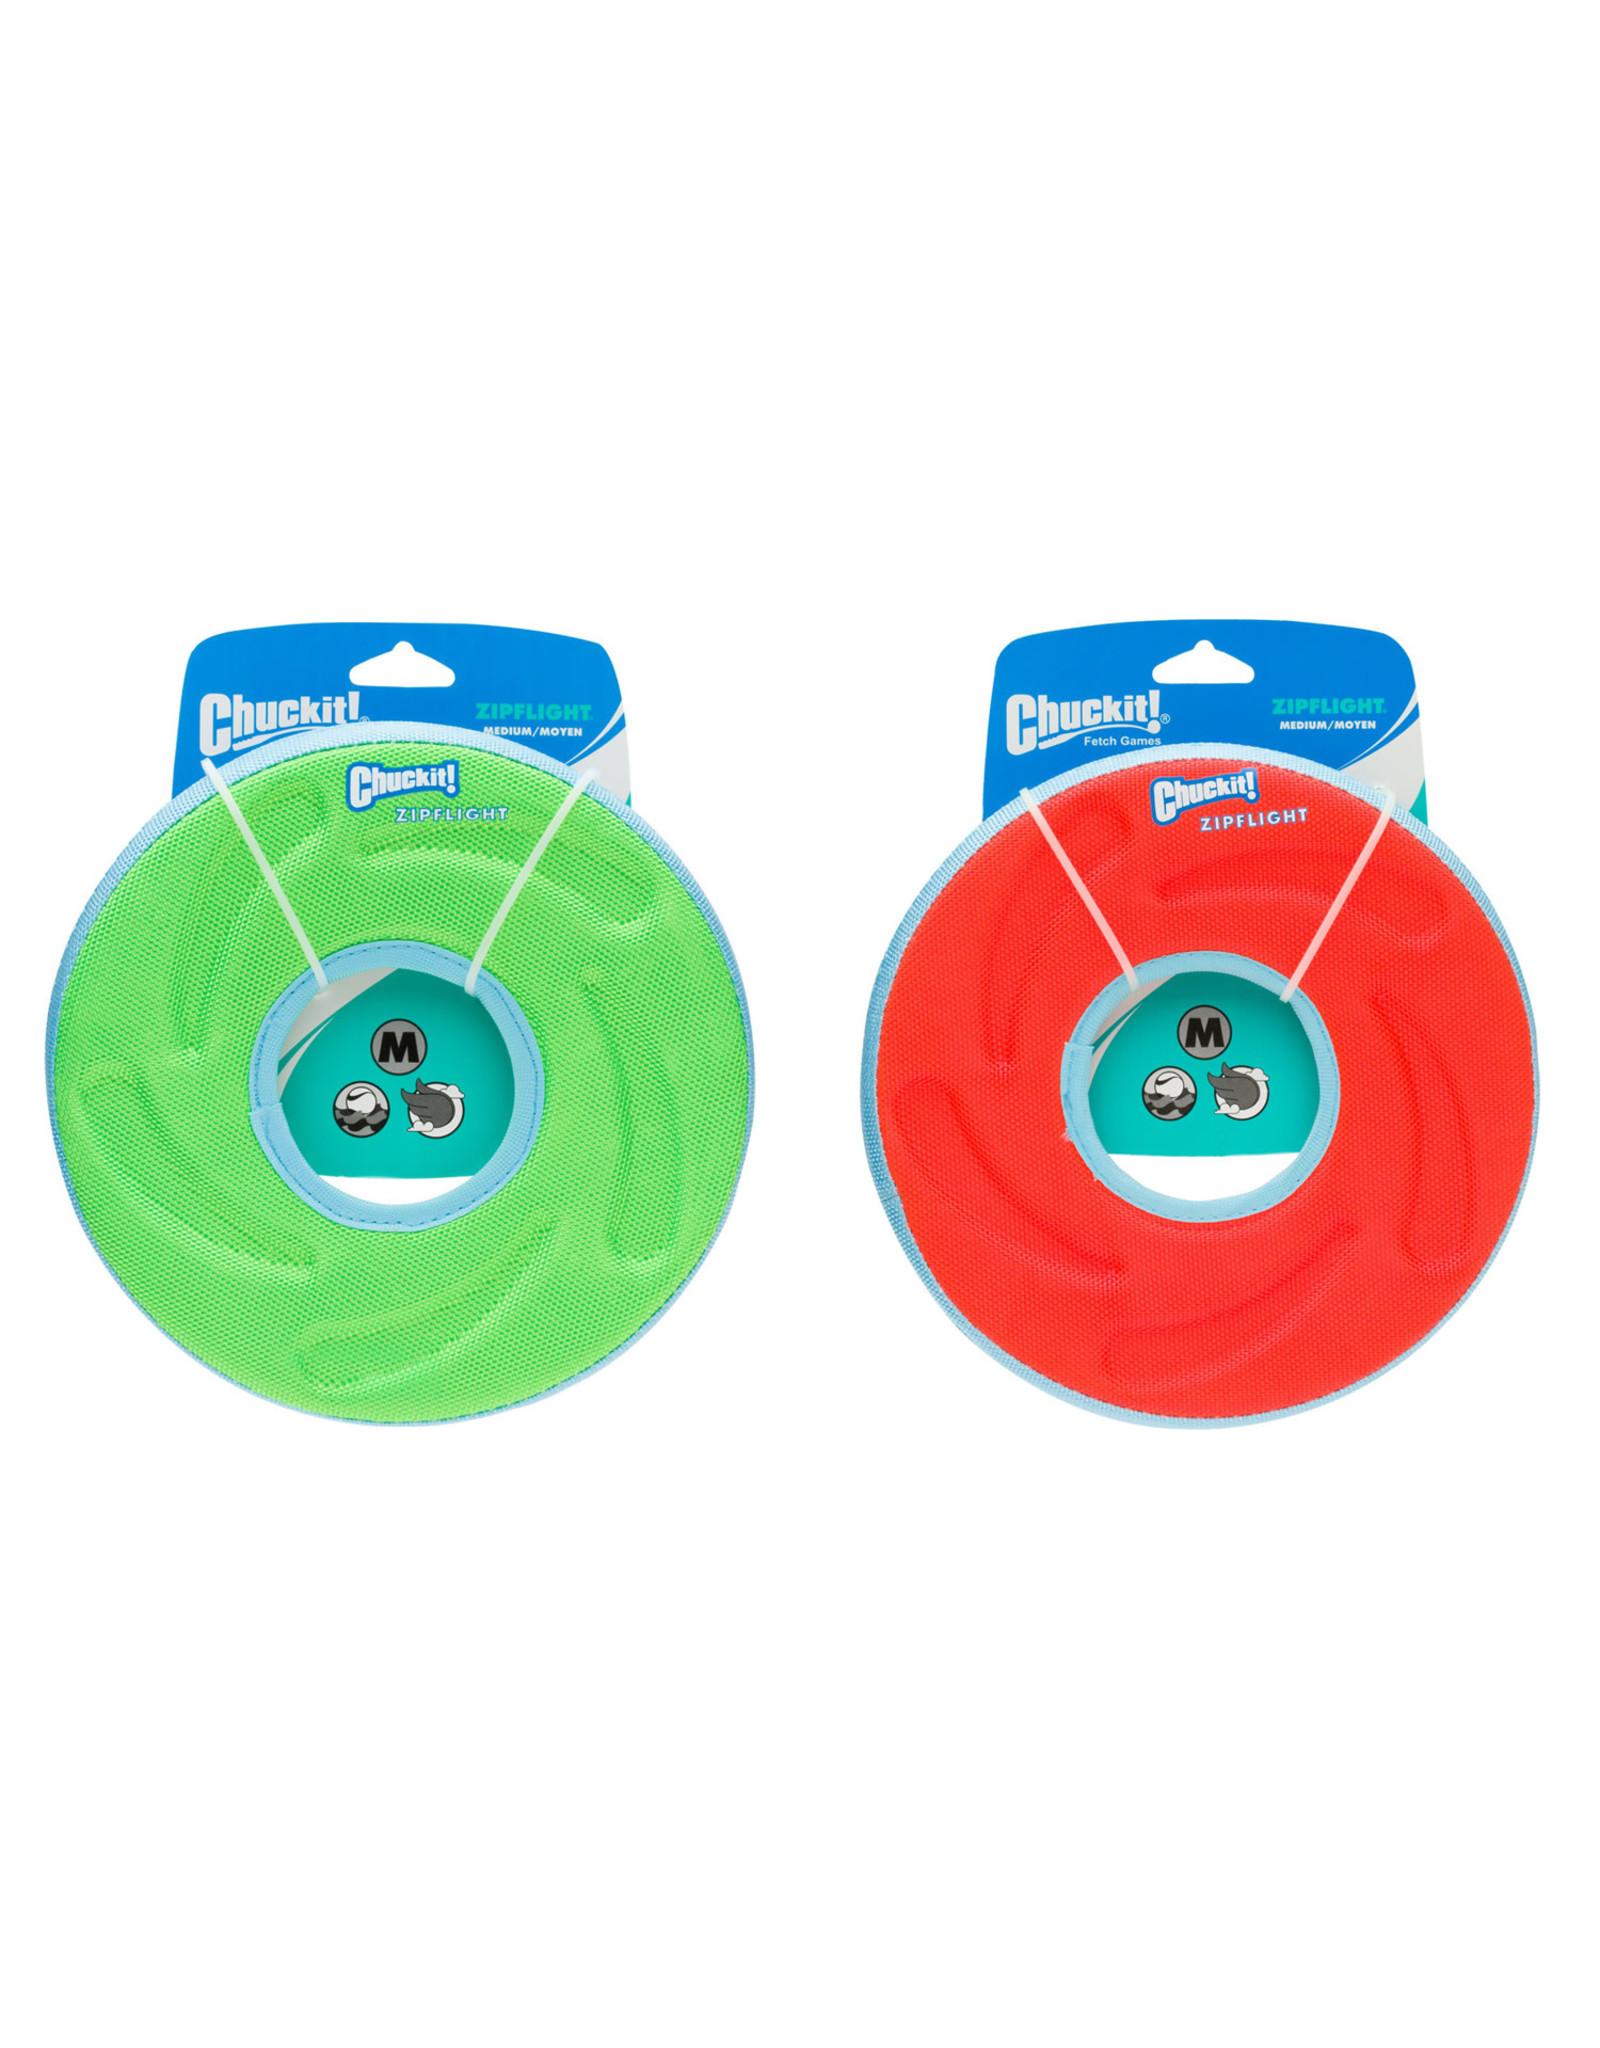 Chuckit! ZipFlight Medium dog toy